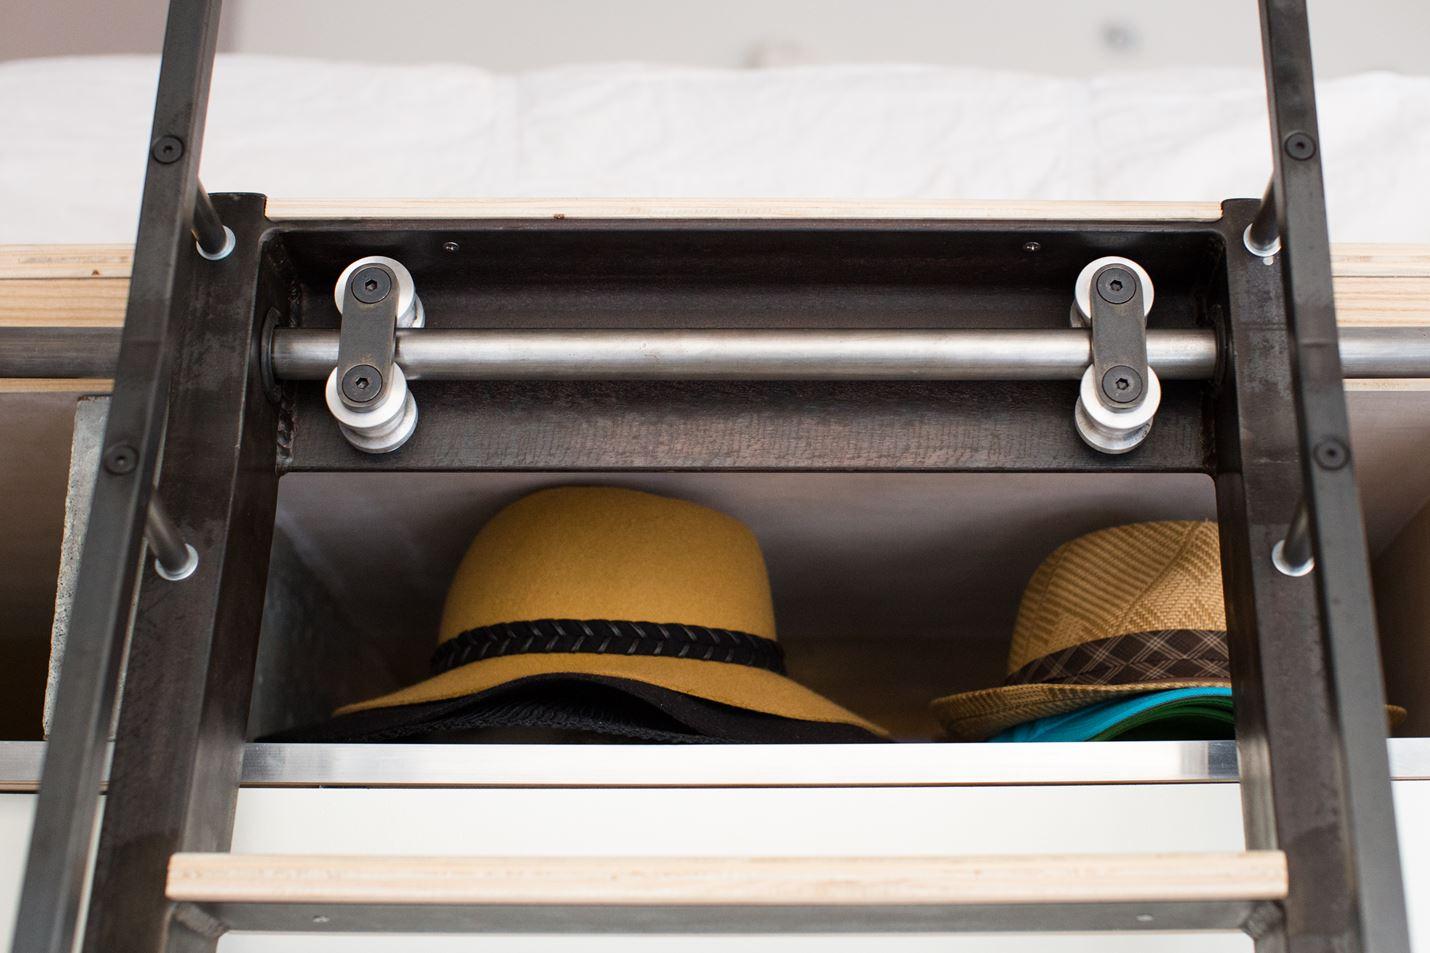 Дизайнер рационально использовал все ниши для книг, мелочей, шляп.